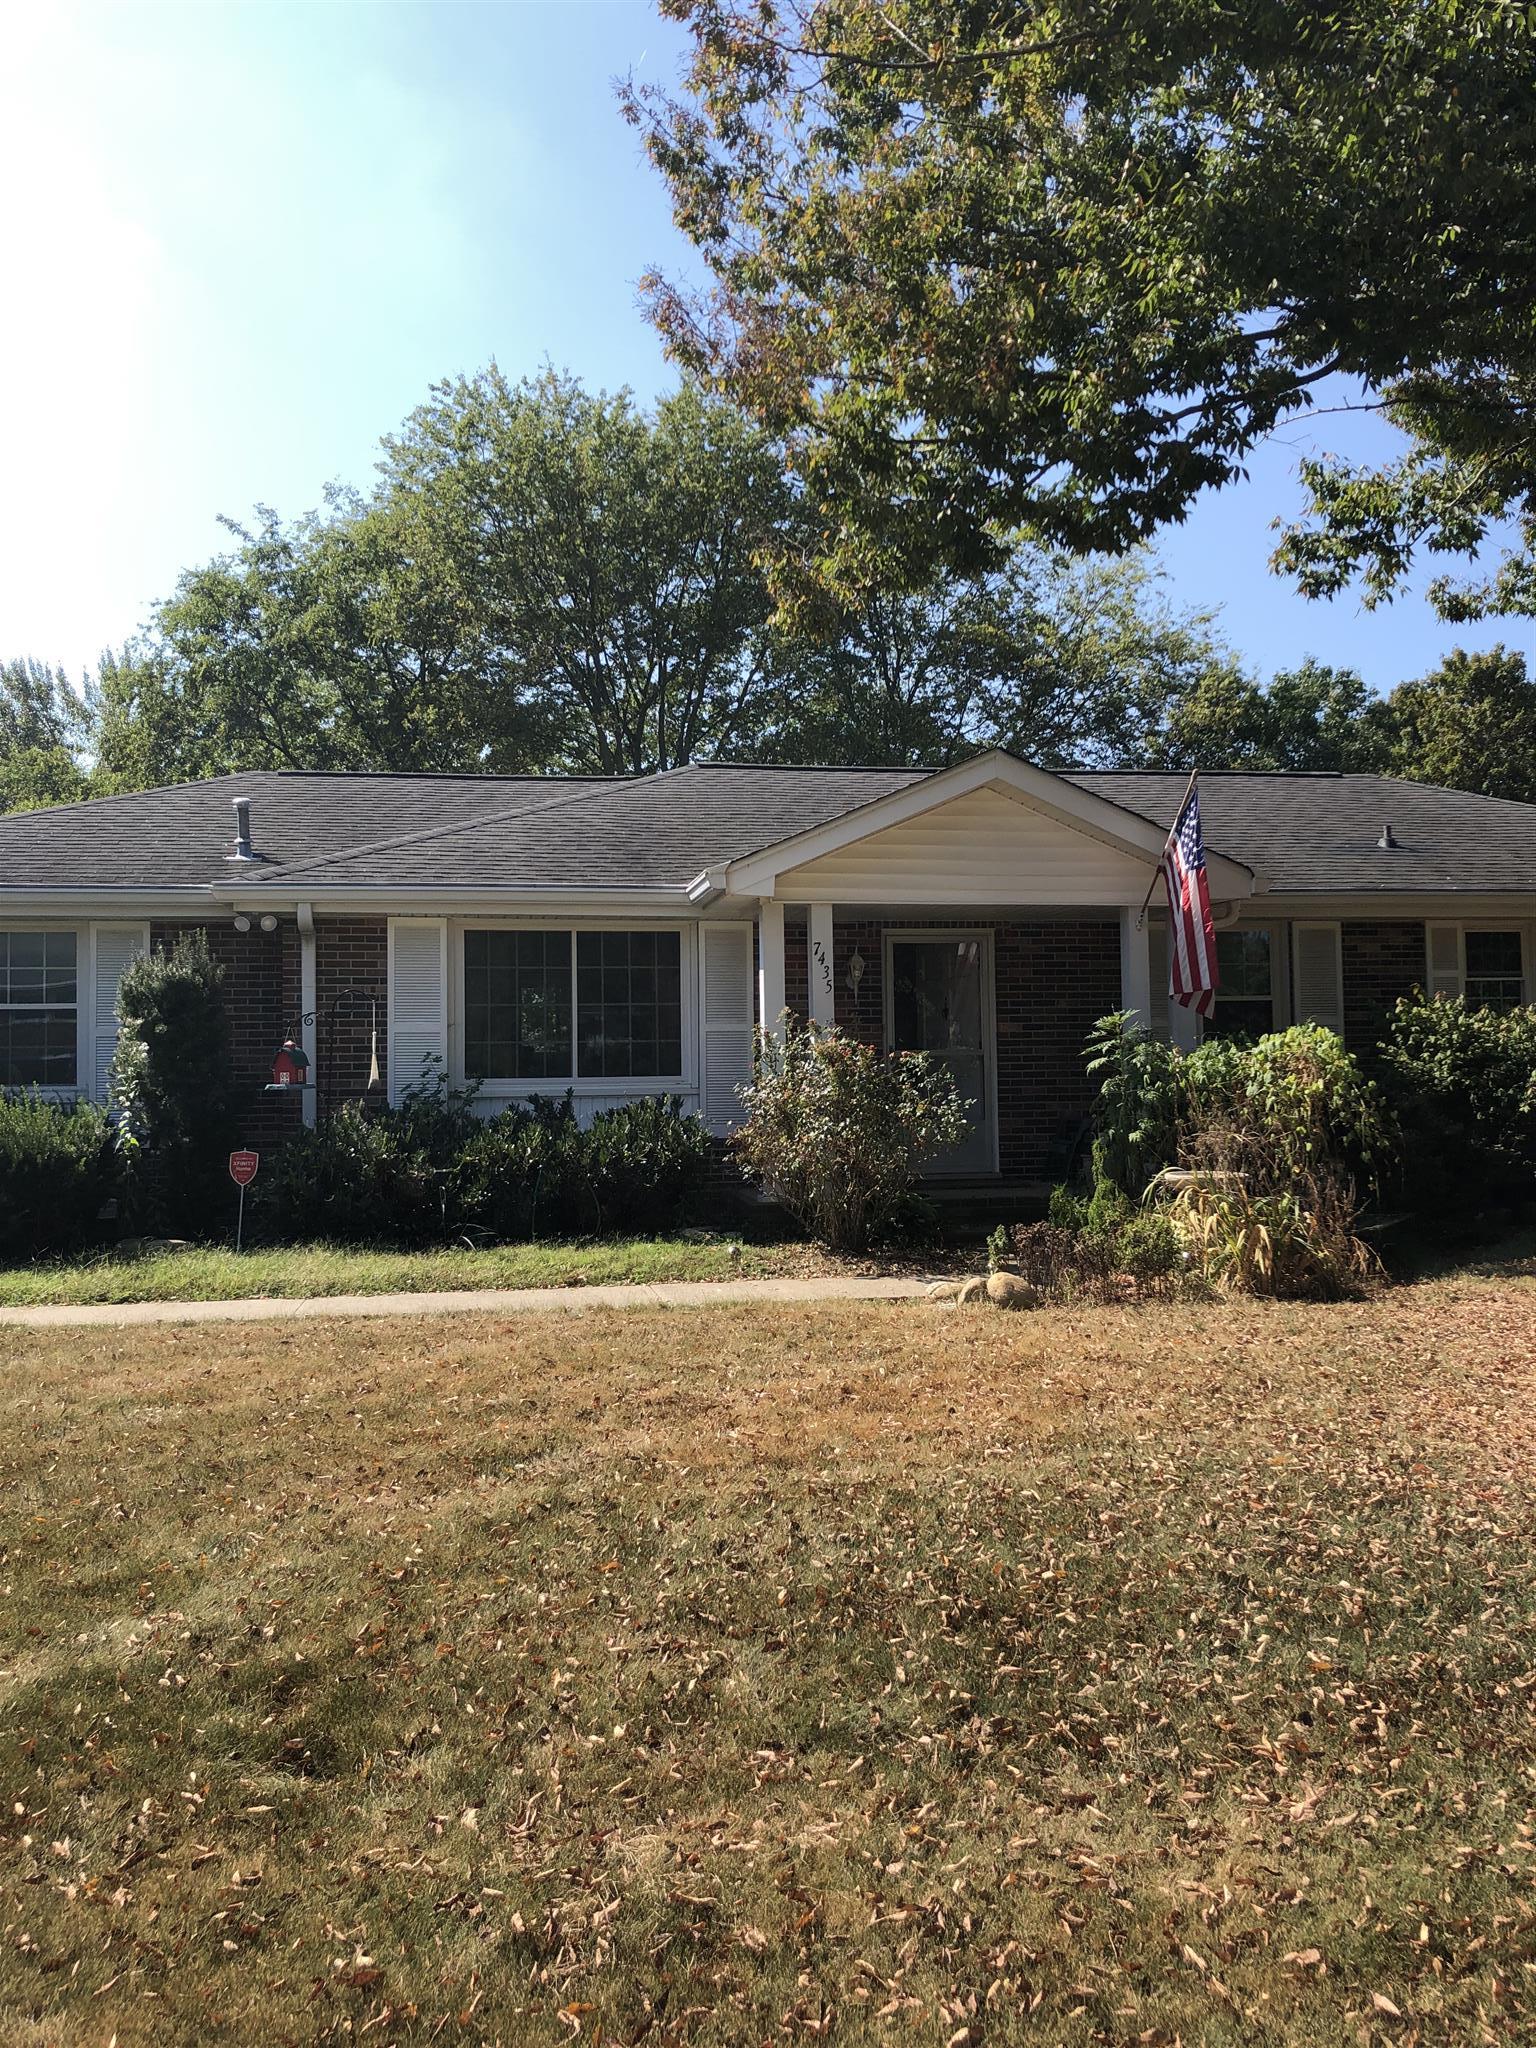 7435 Stacy Dr, Nashville, TN 37221 - Nashville, TN real estate listing